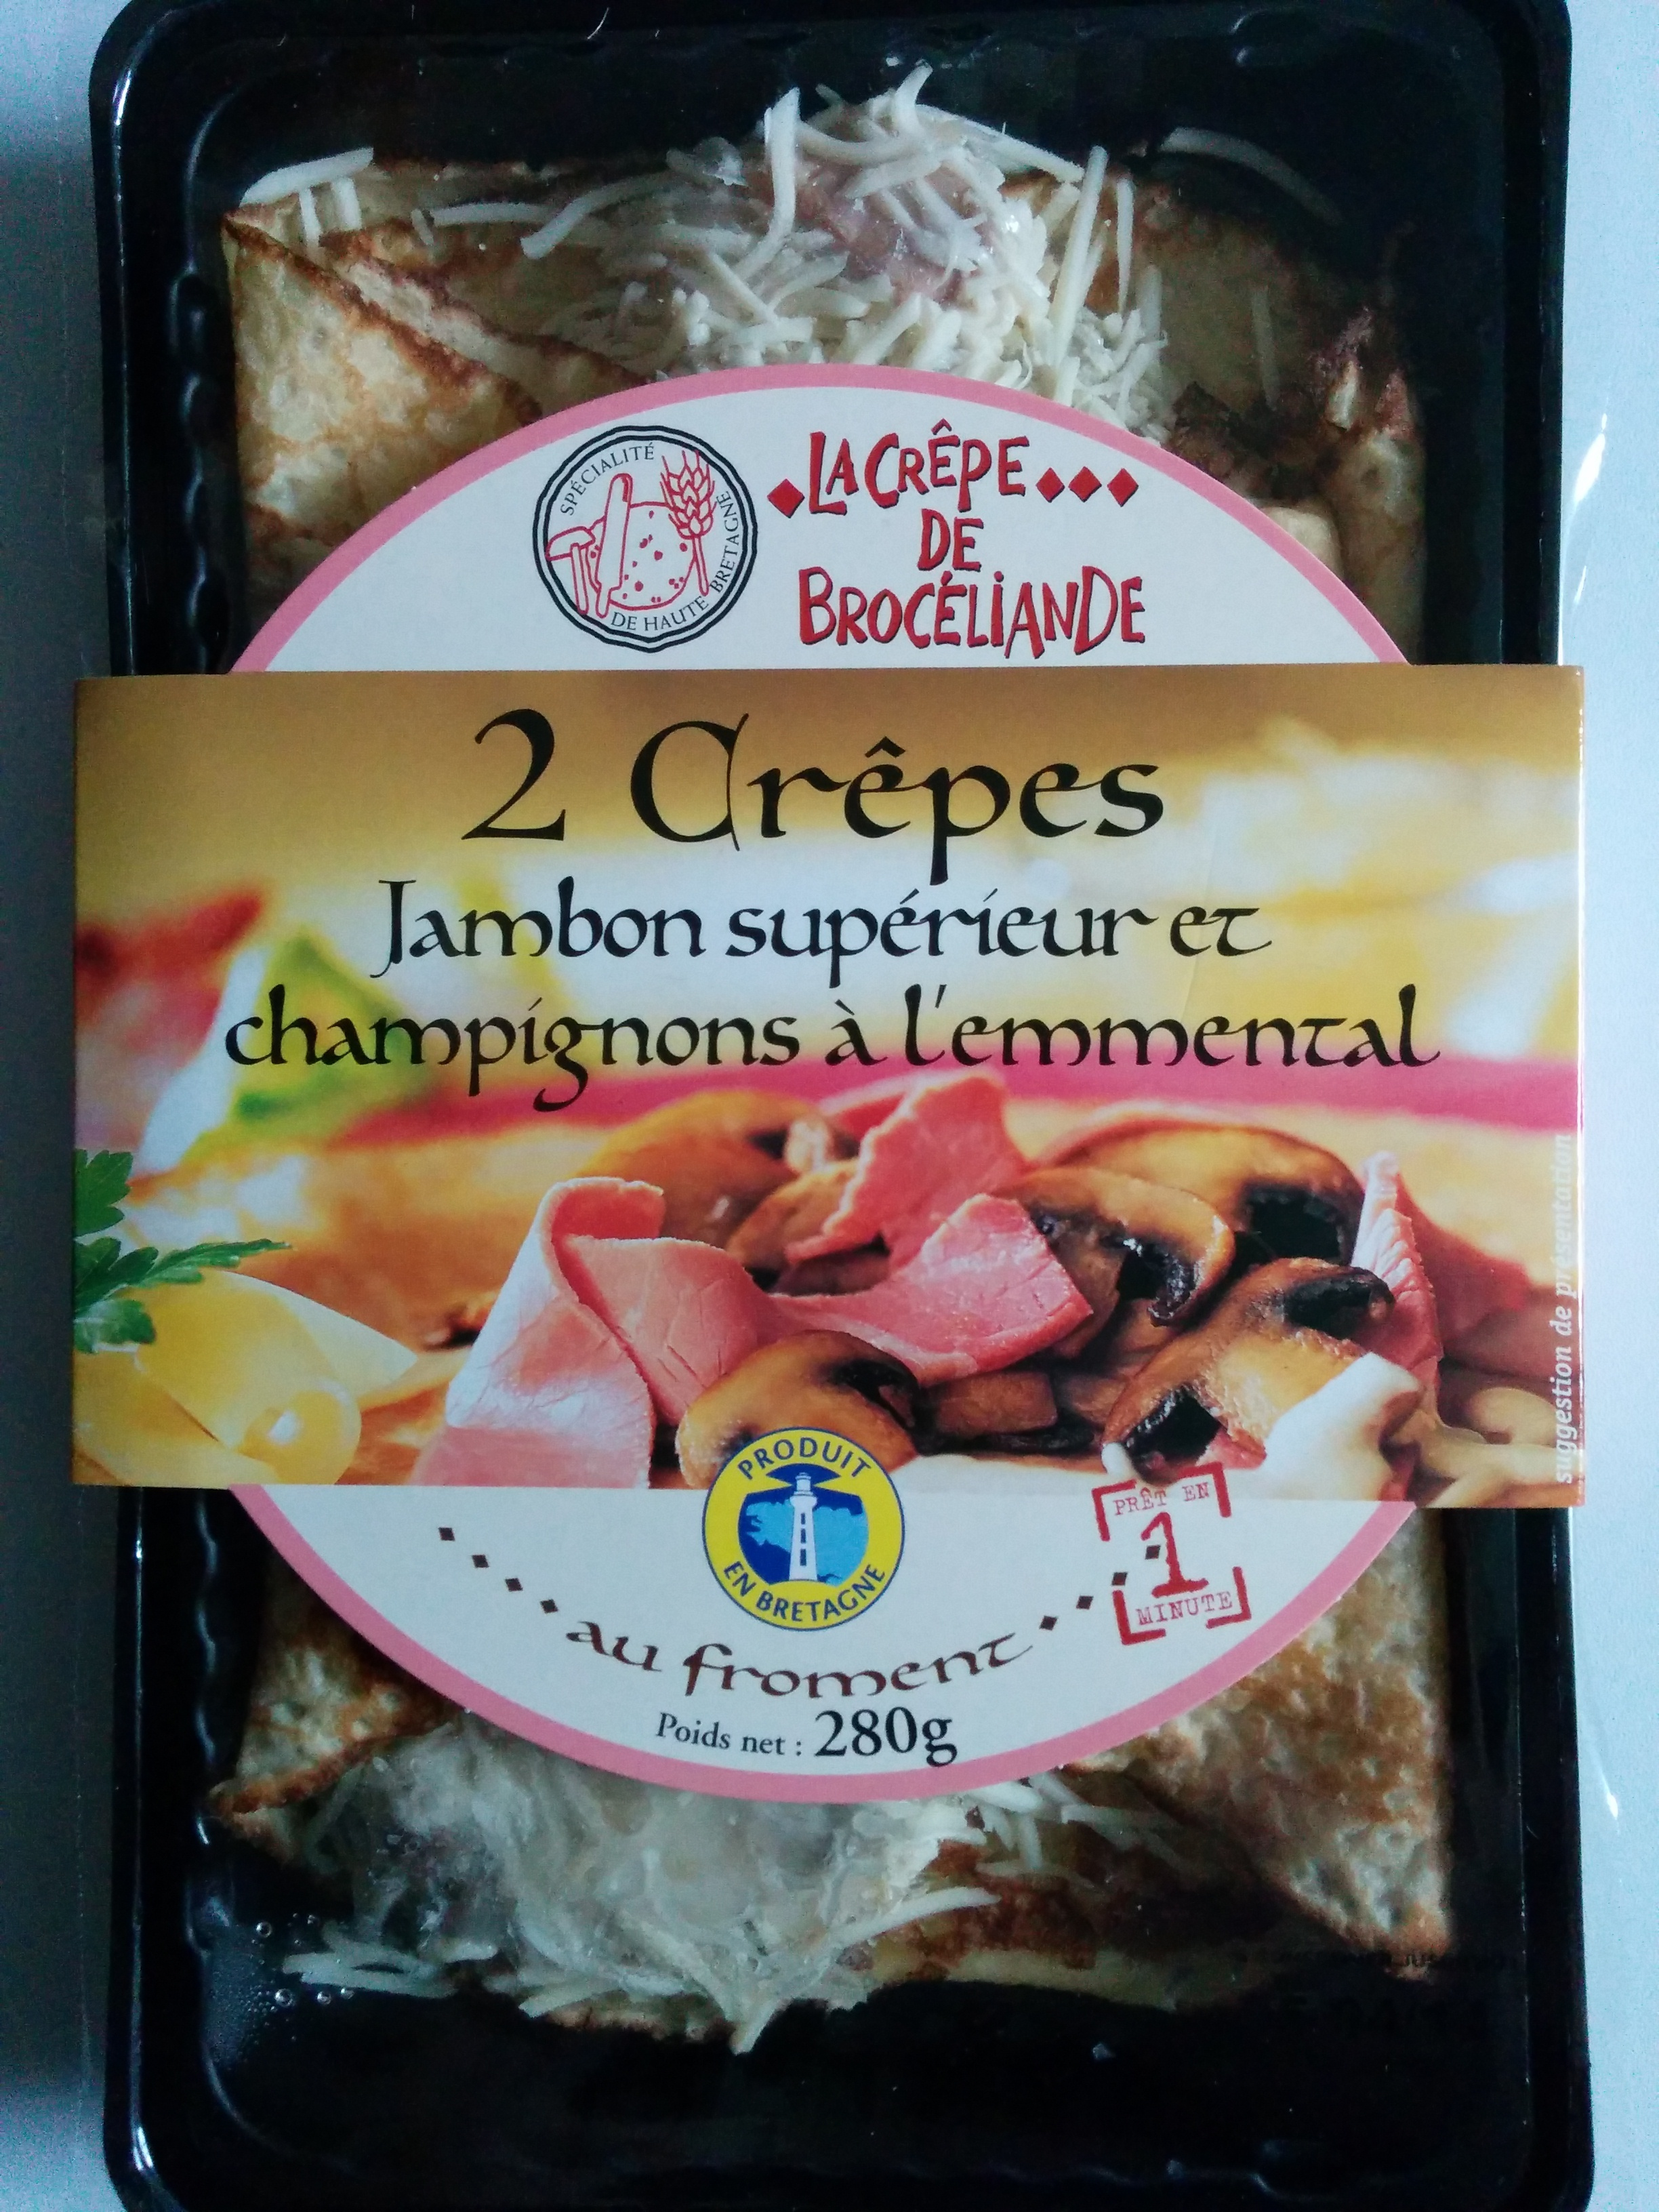 Crêpes Jambon supérieur et Champignons à l'Emmental - Product - fr